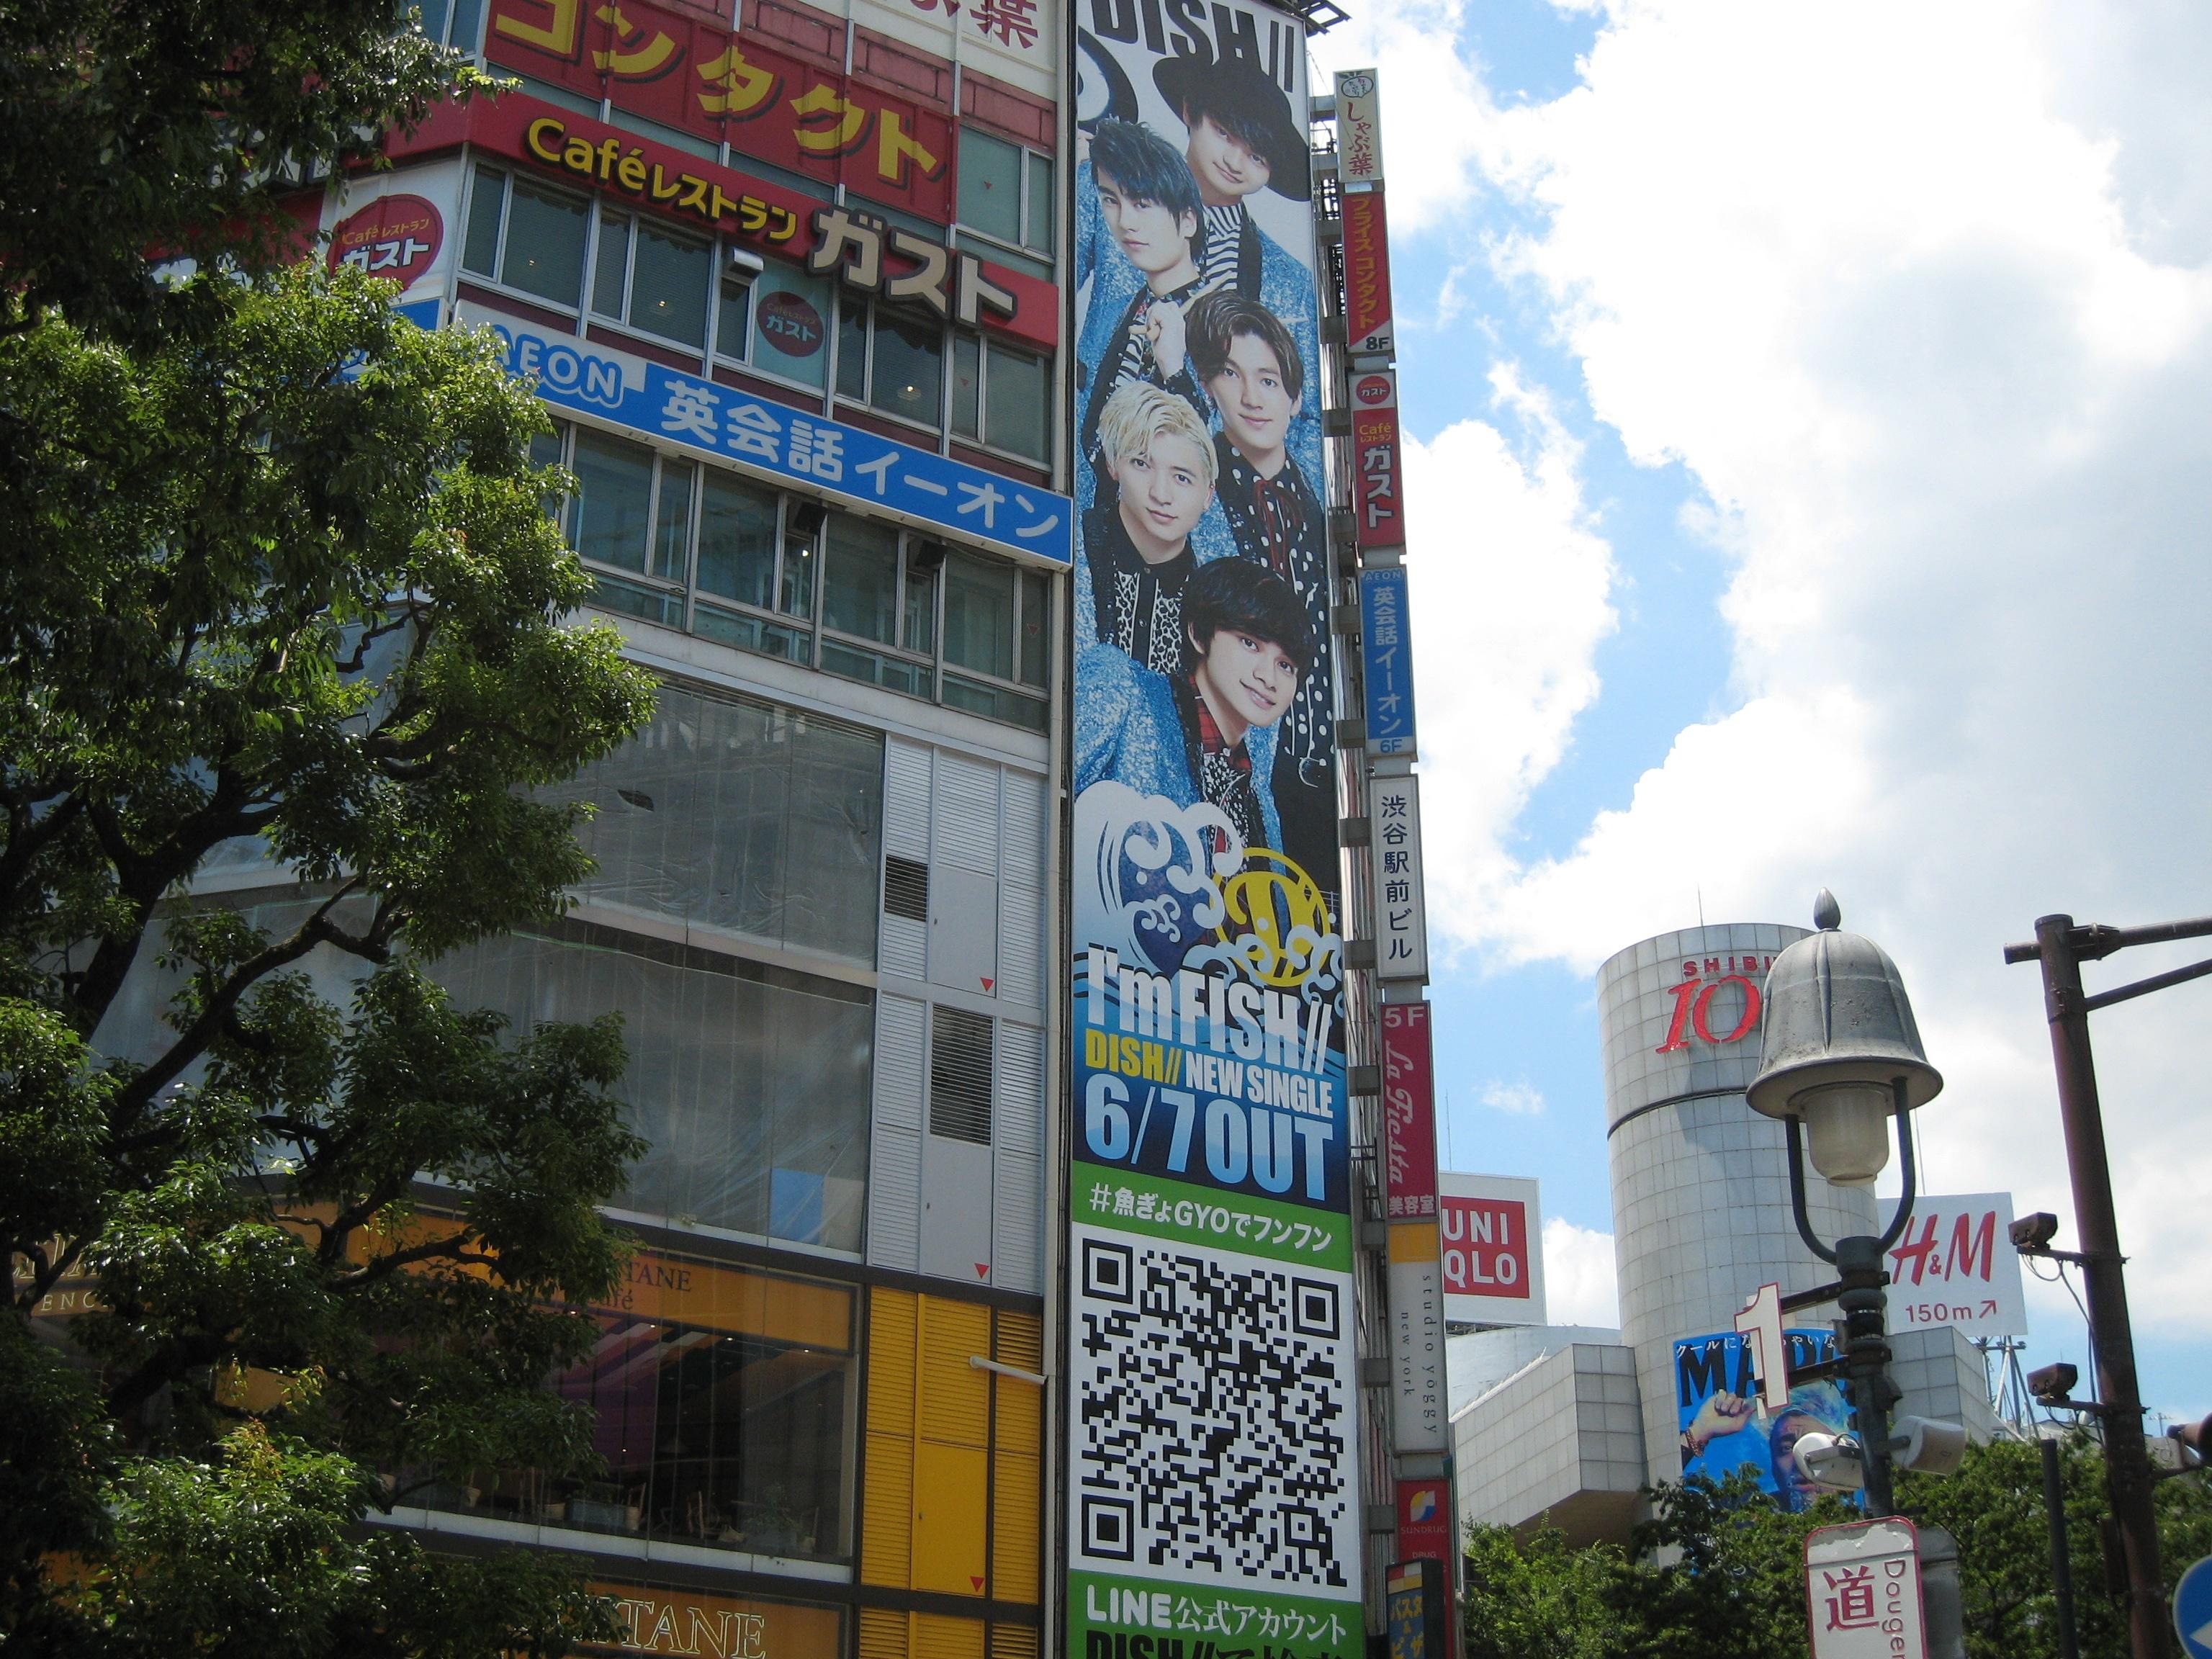 渋谷駅前ビルロングボード(ソニーミュージック).jpg